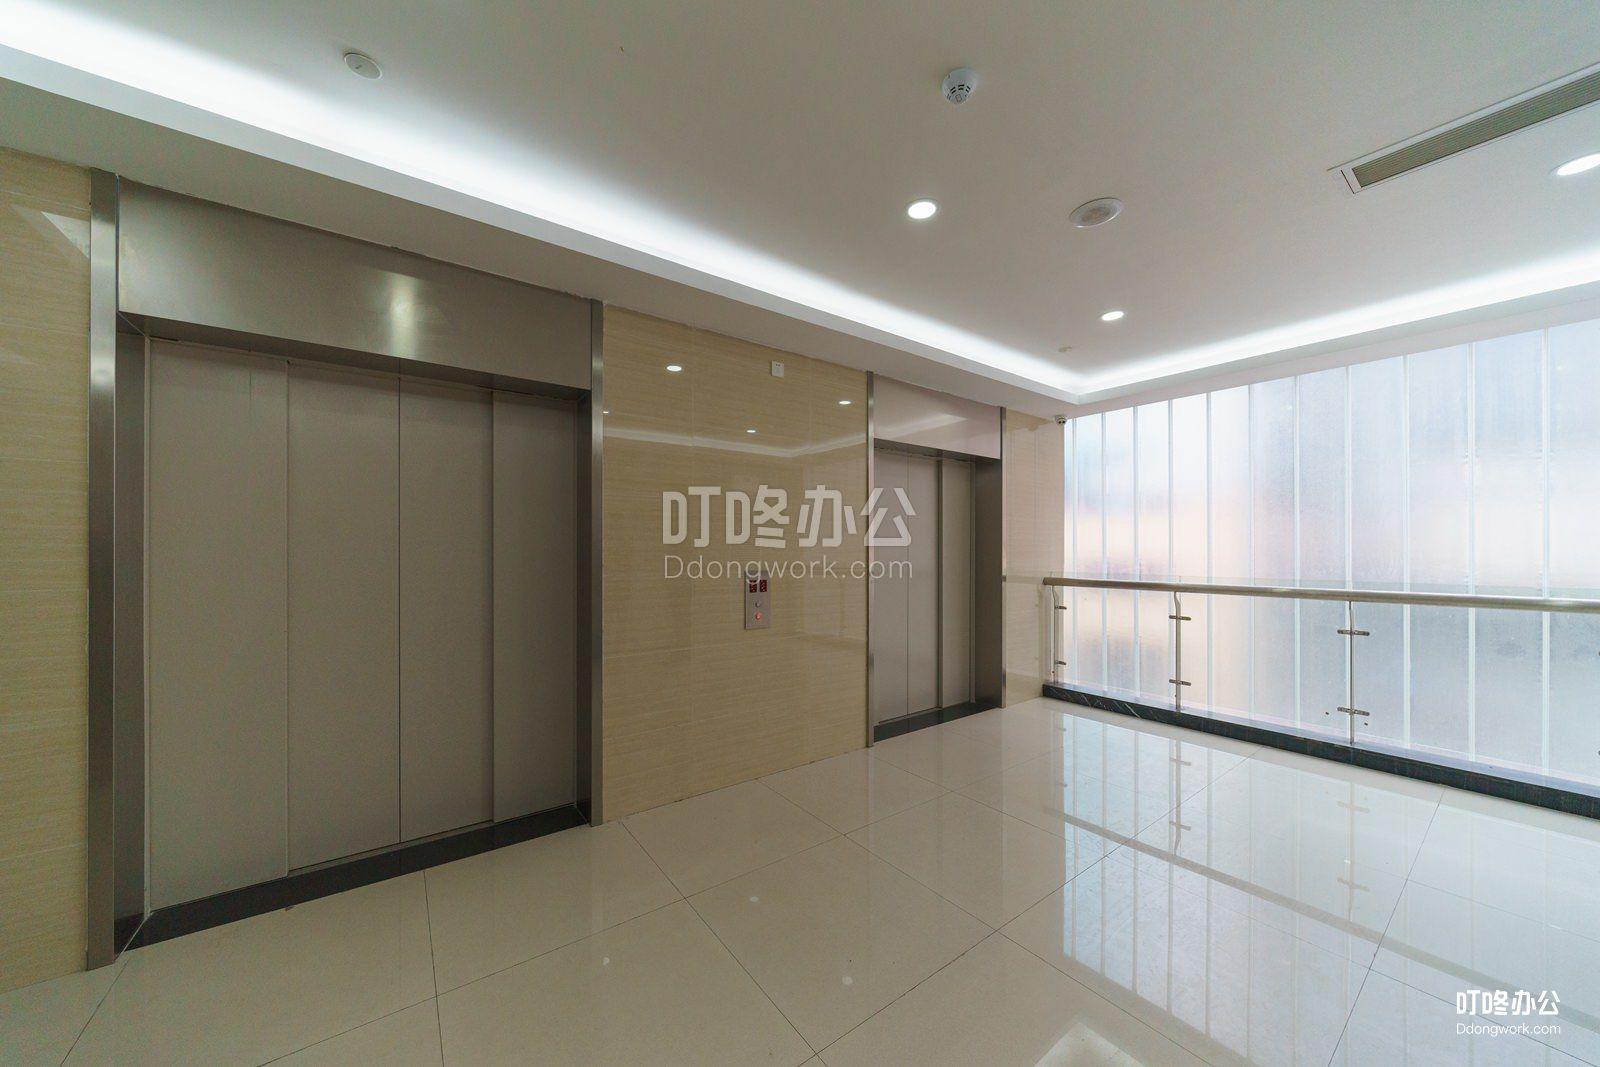 华强北国际创客中心「2.0」会议室